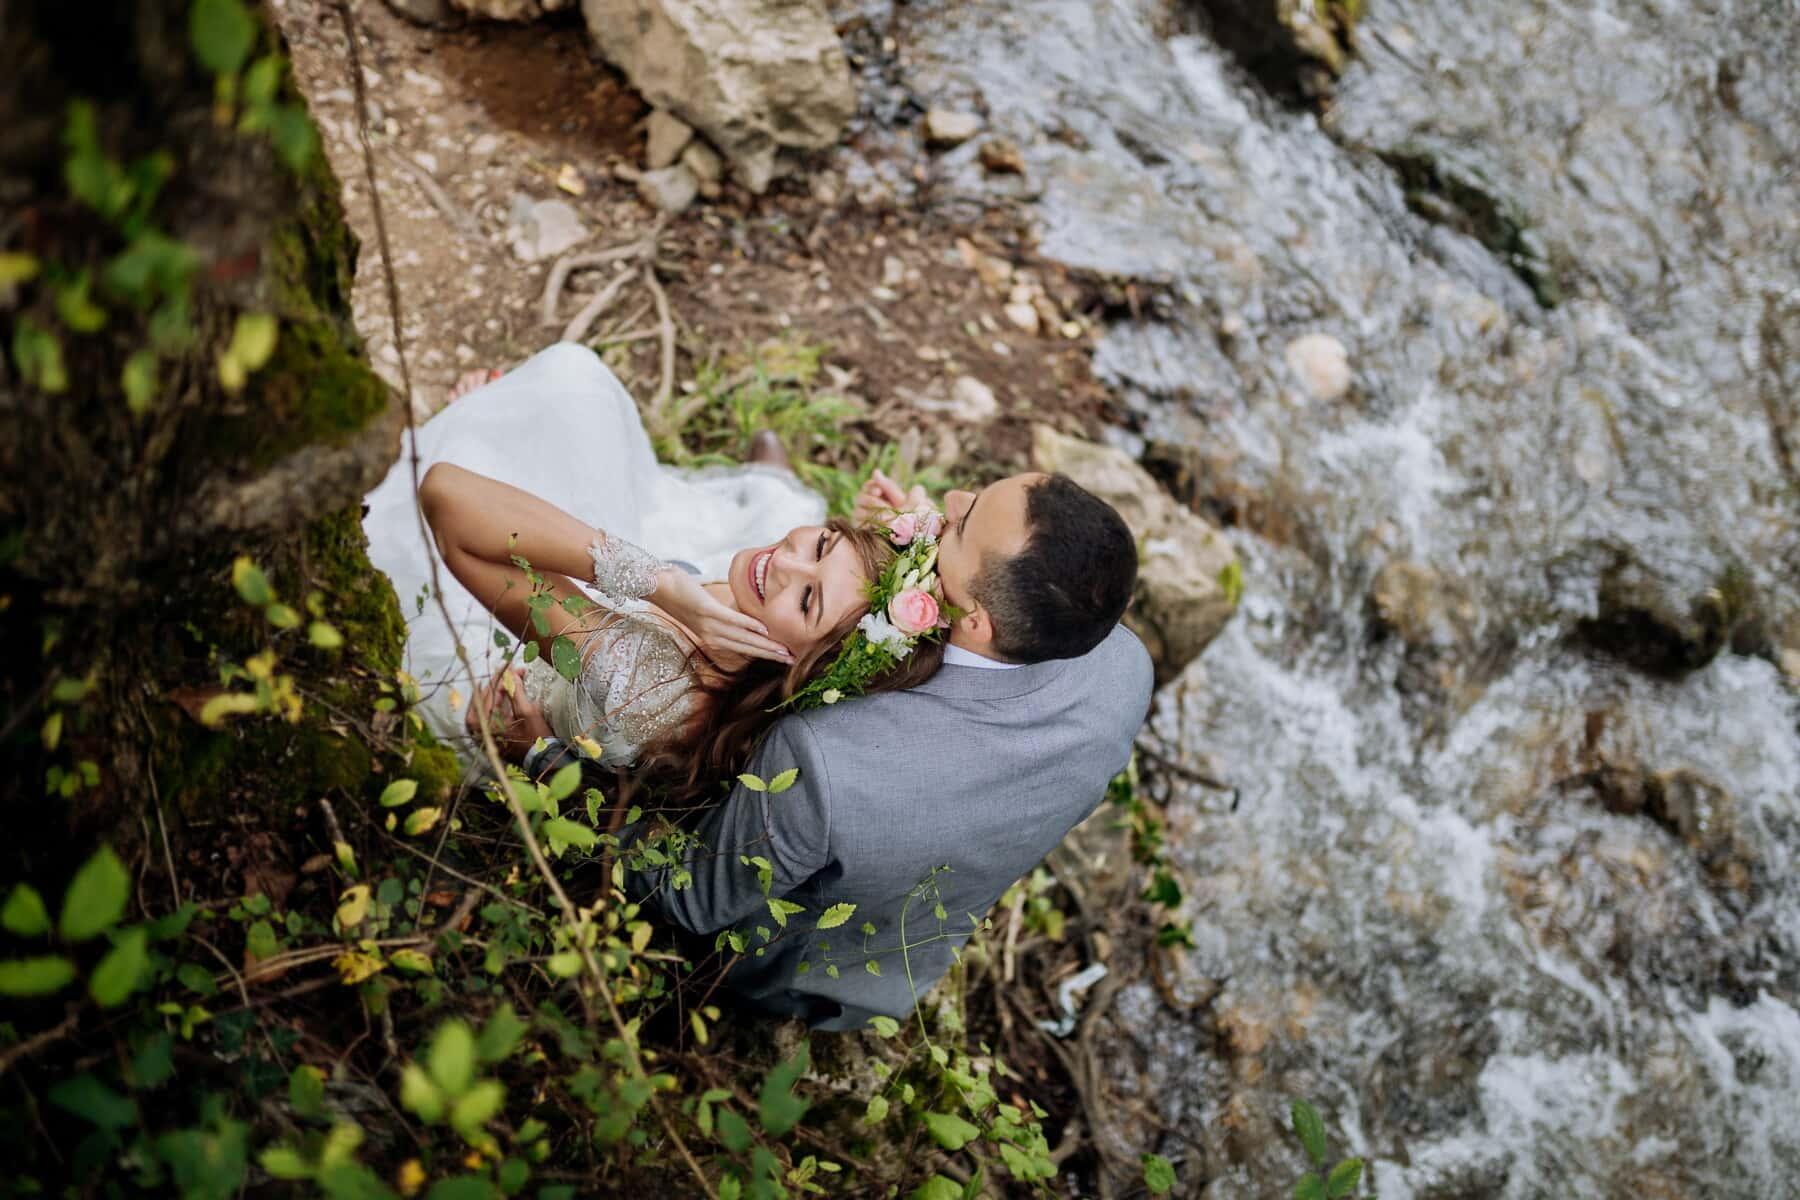 tepi sungai, pacar, pacar, cantik, Putri, gadis cantik, alam, pohon, di luar rumah, daun